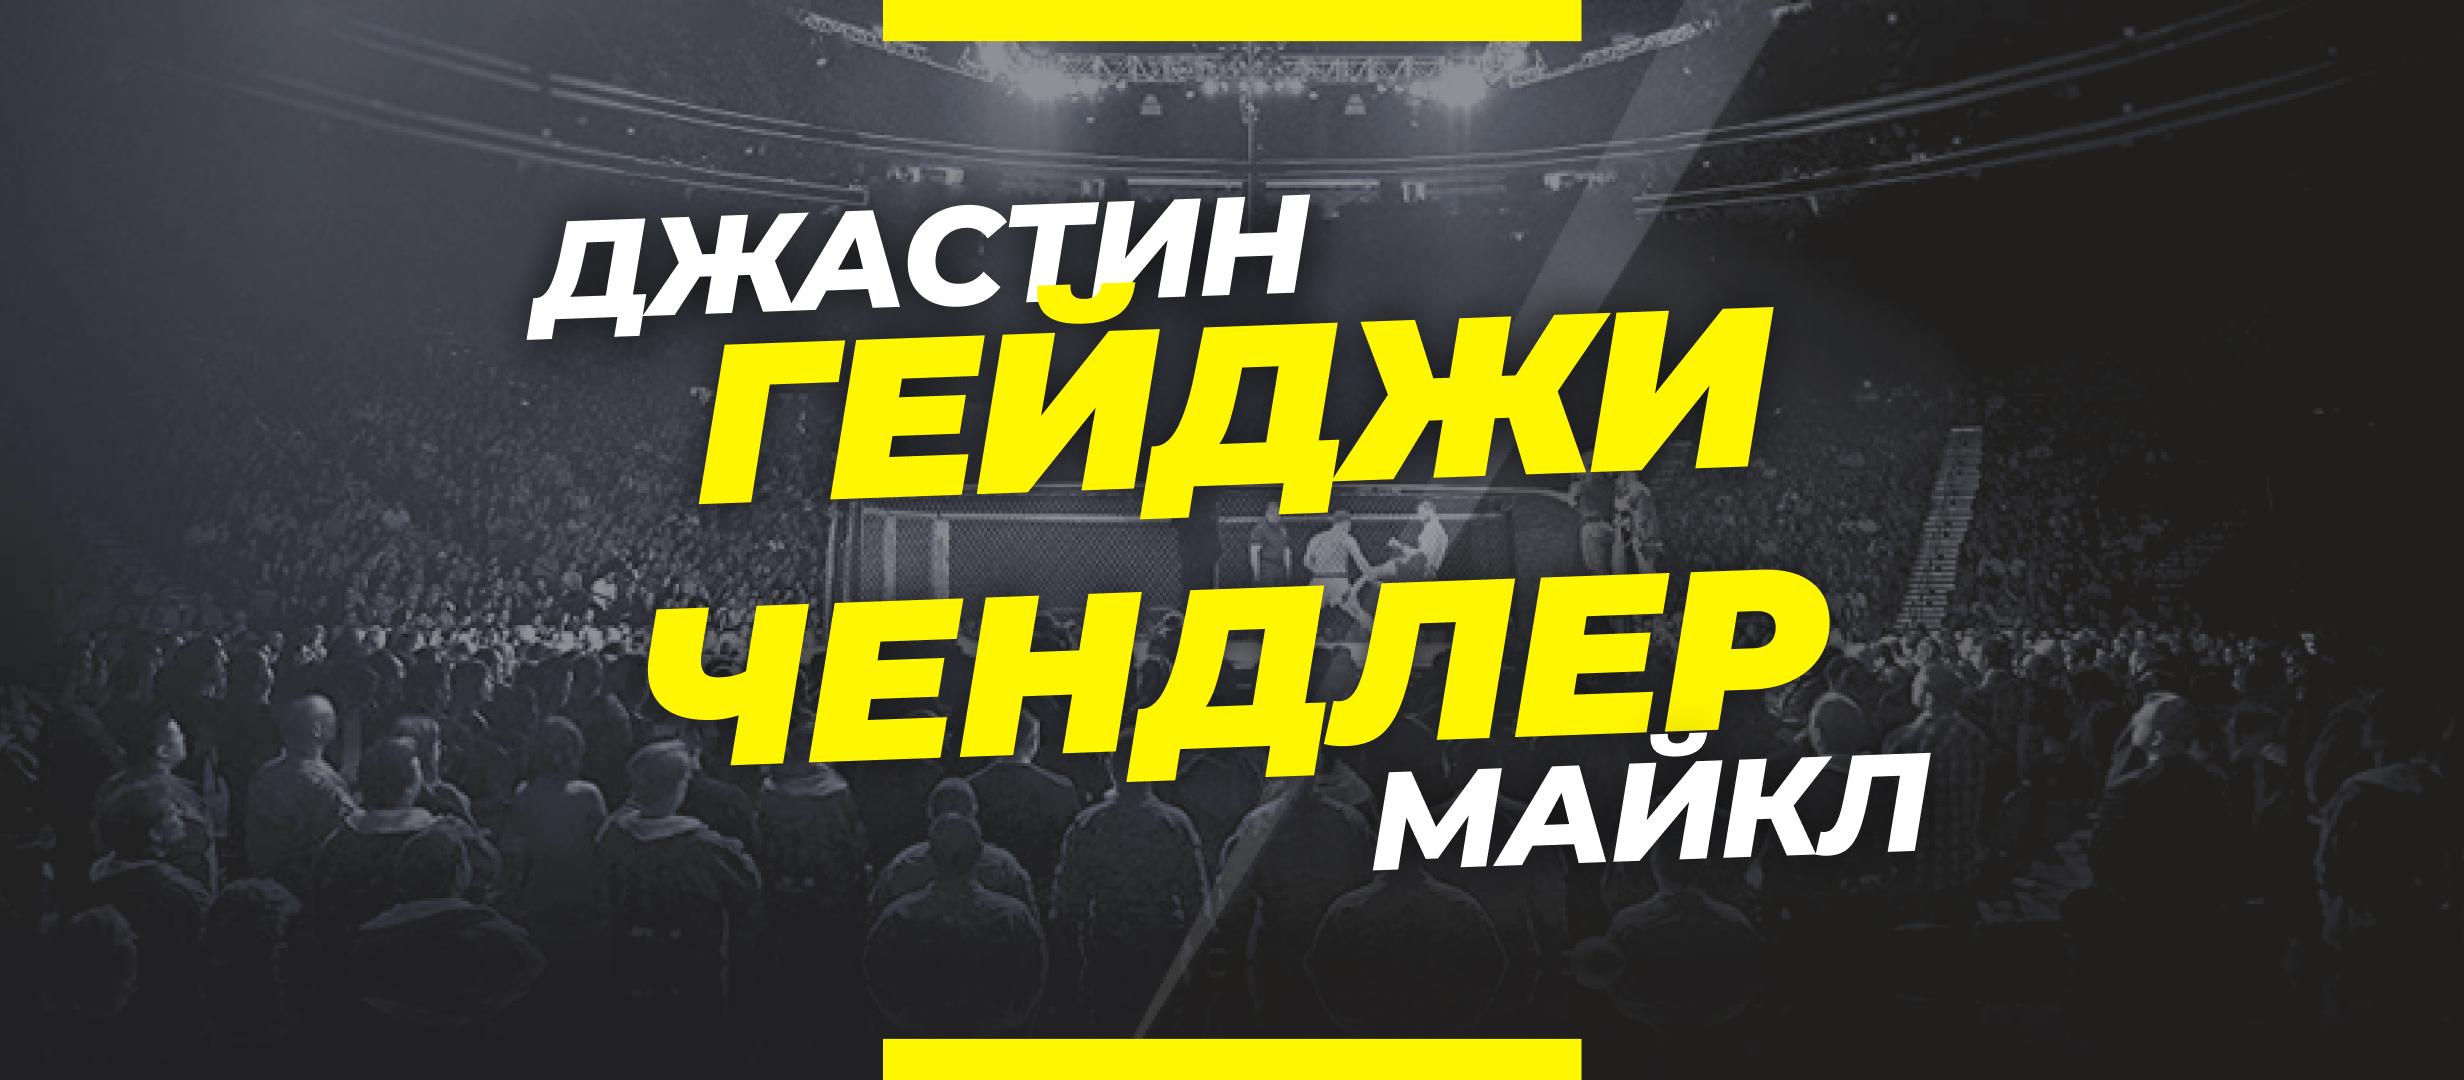 Гэйджи – Чендлер: ставки и коэффициенты на бой UFC